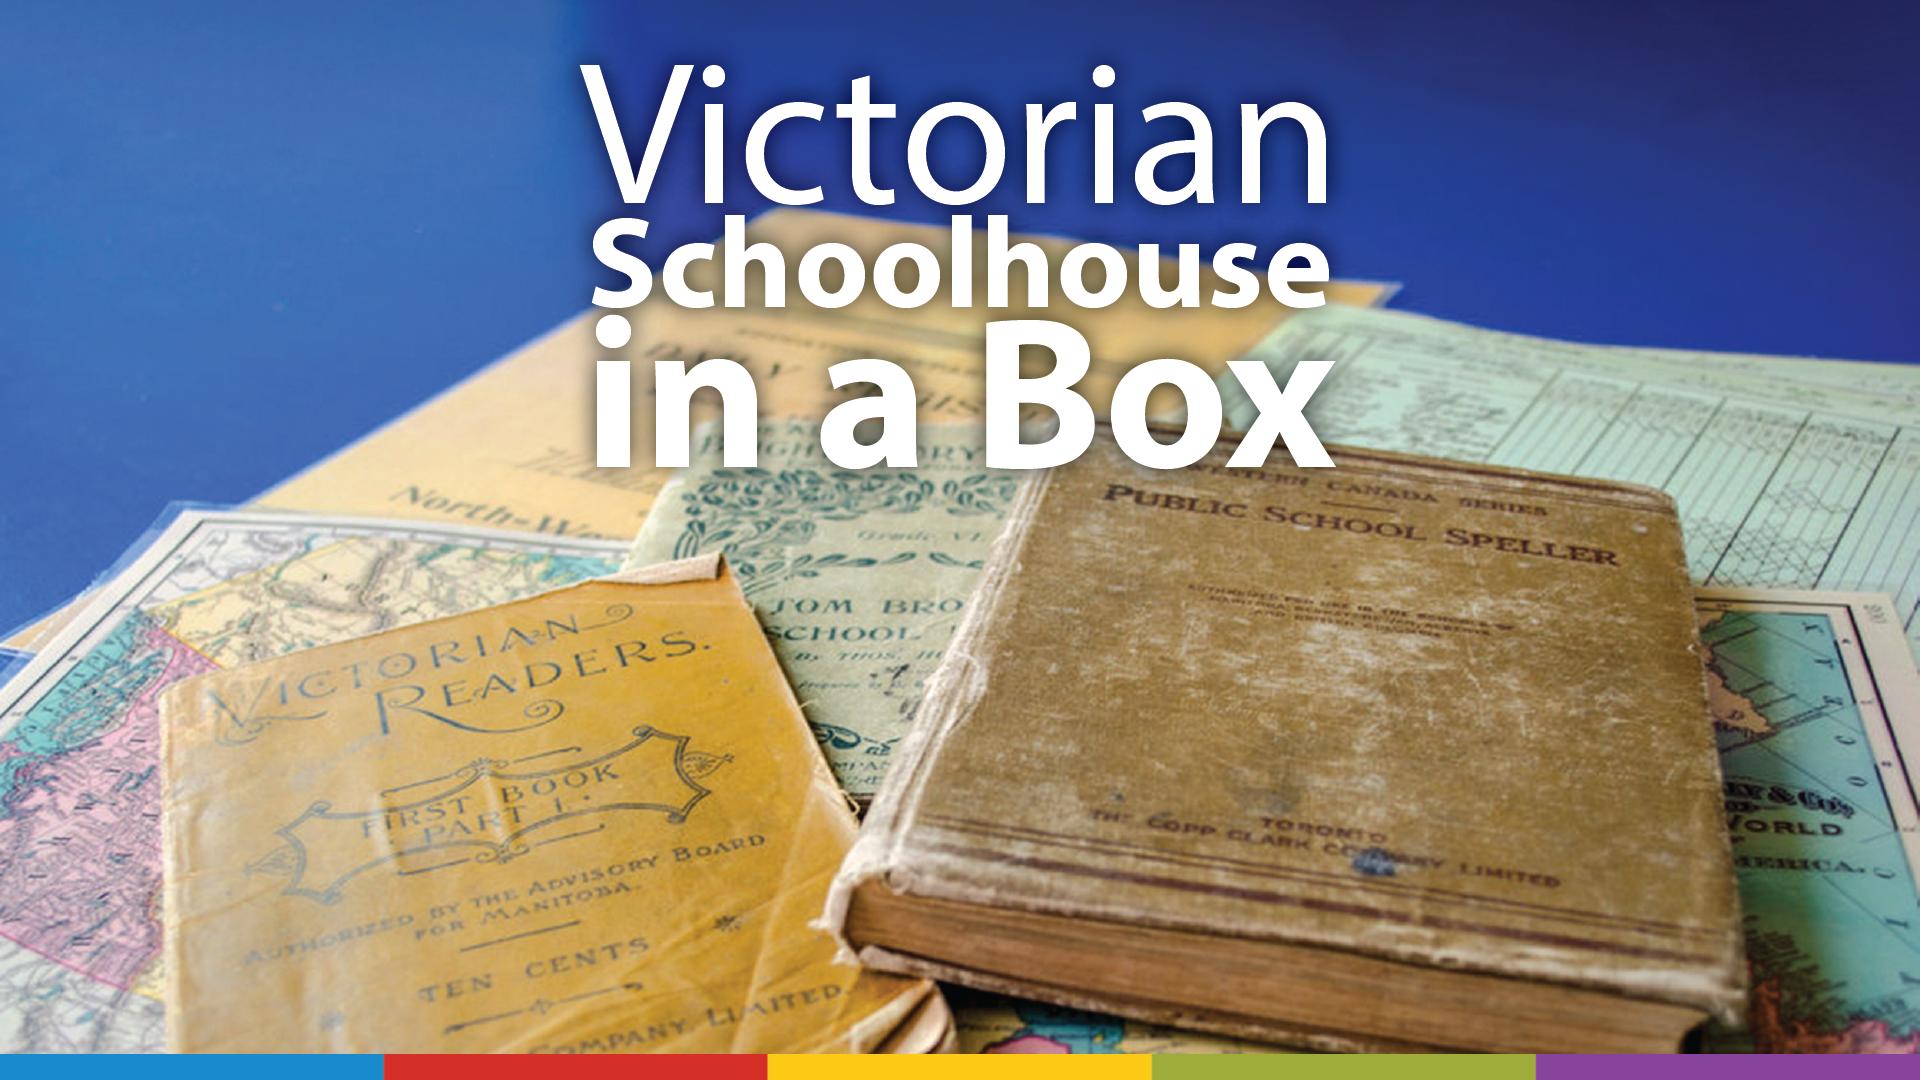 VictorianSchoolhouseEventBanner-01.png